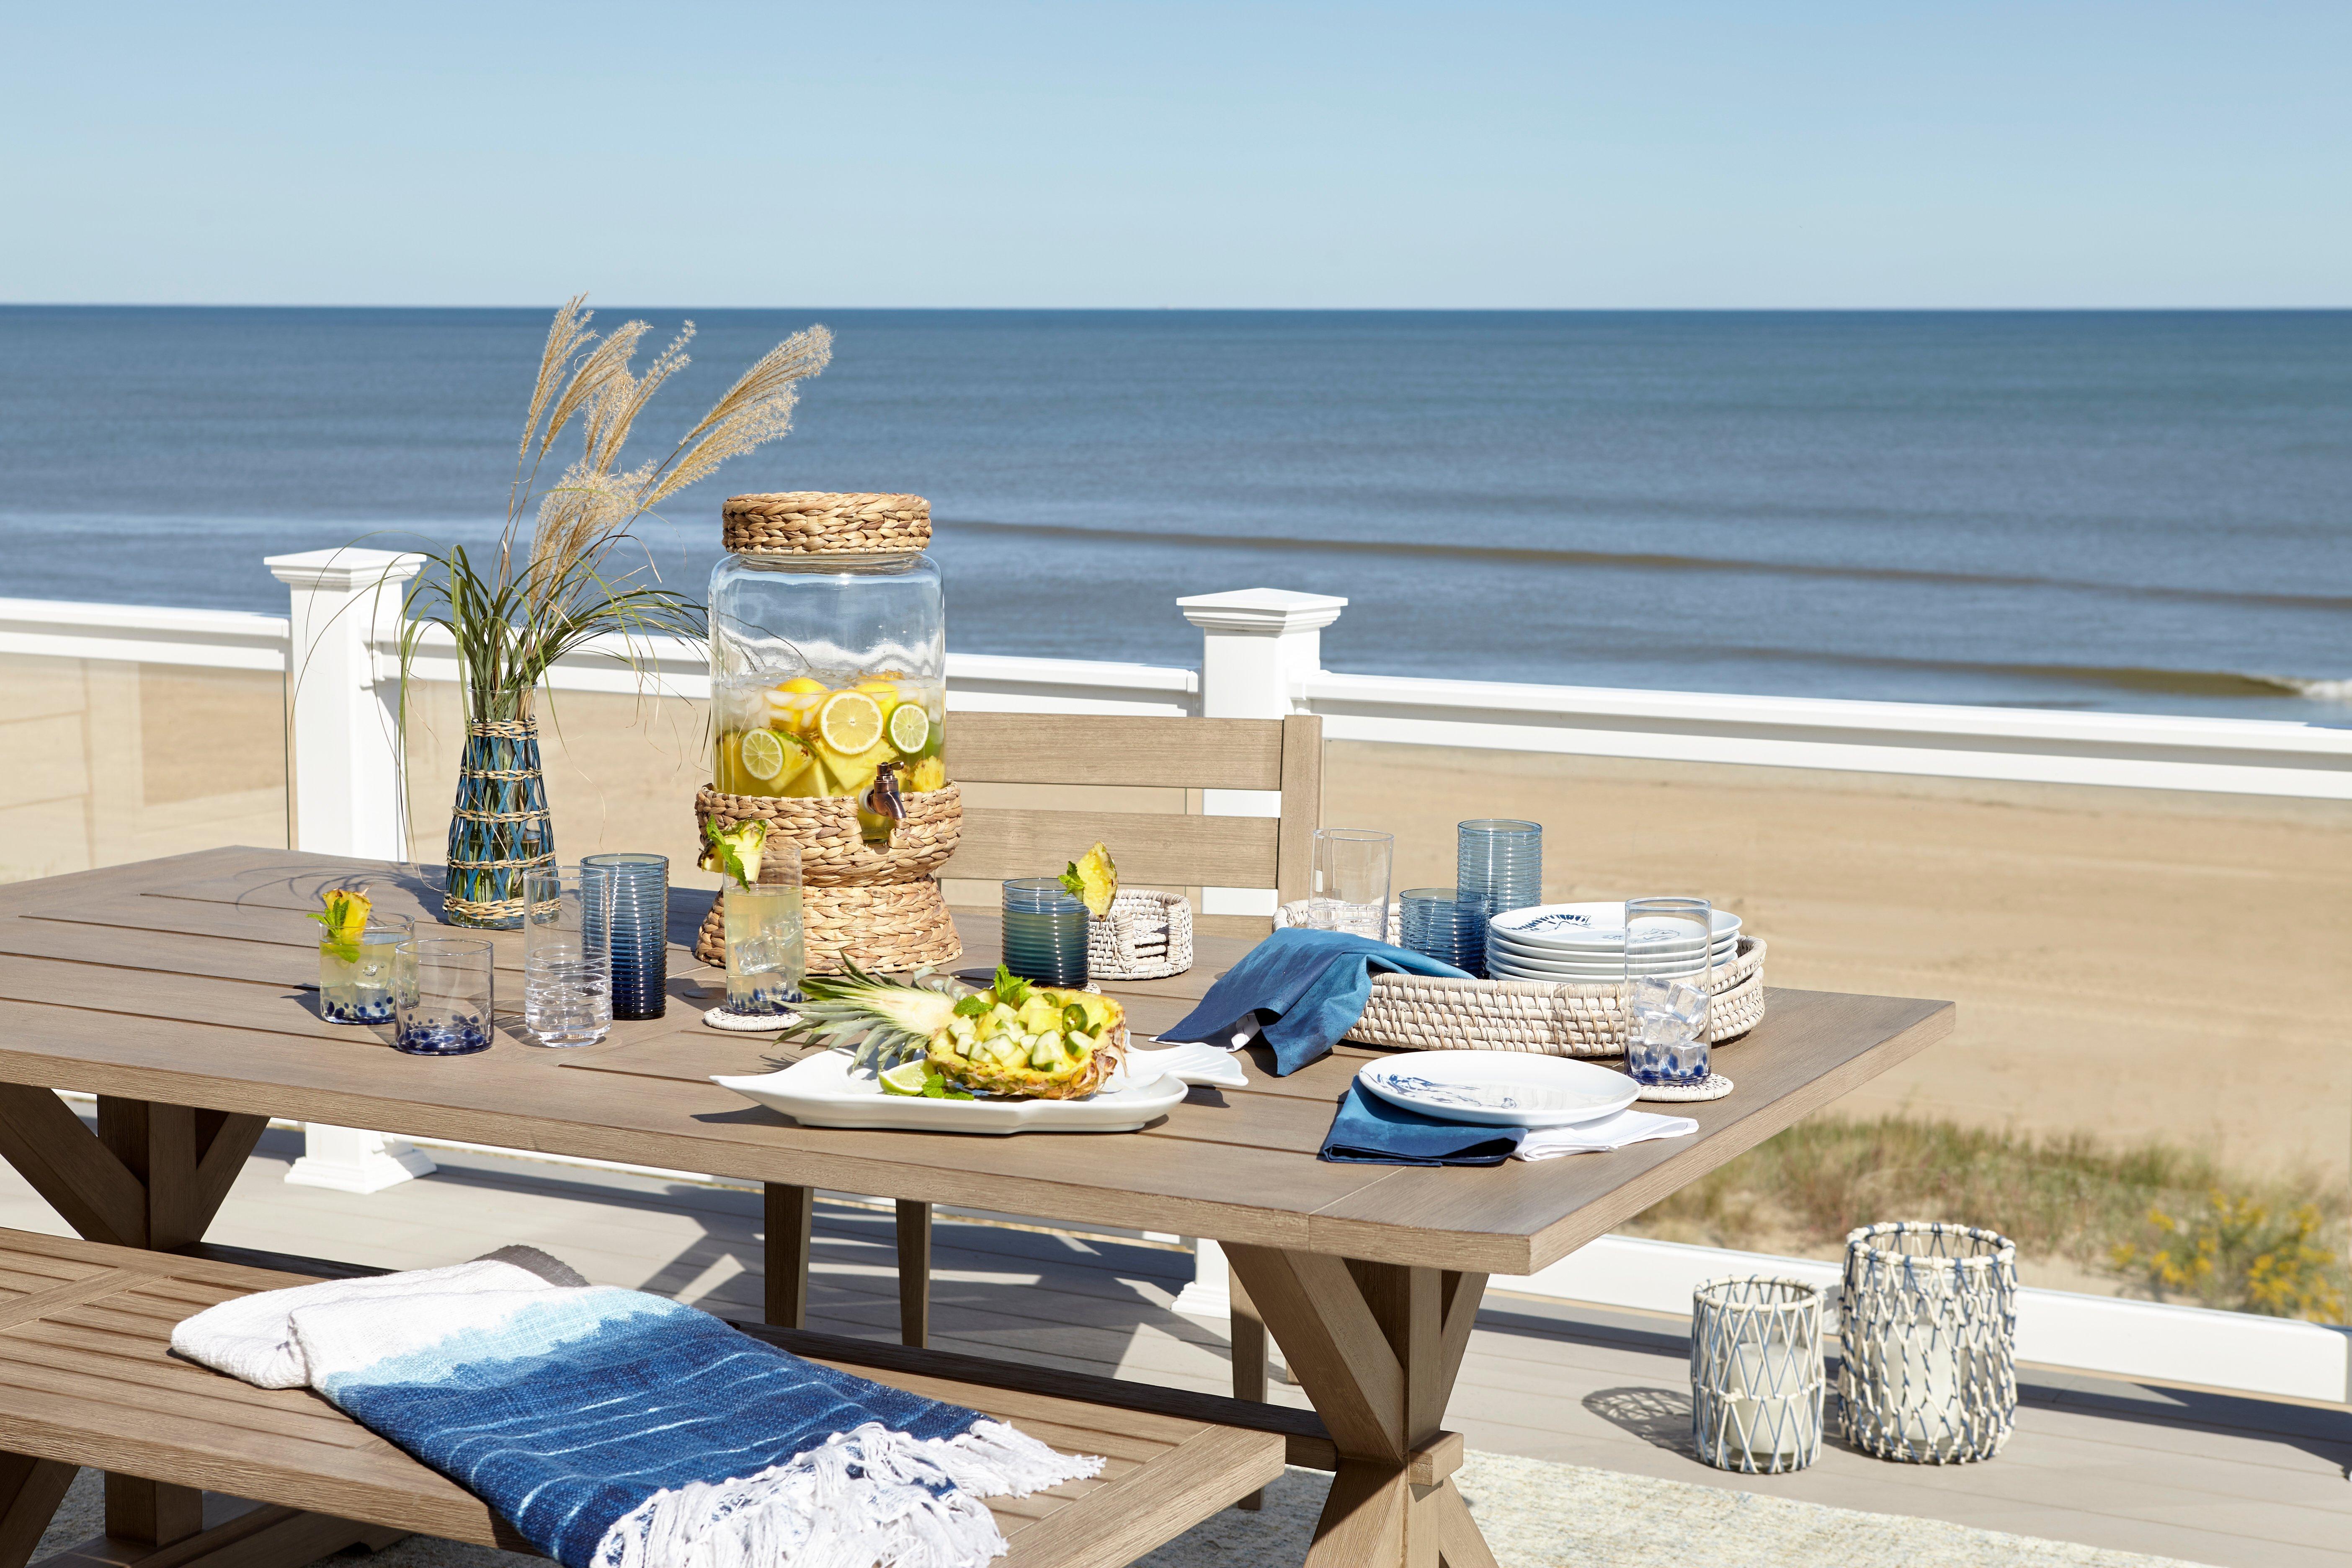 outdoor-table-set-overlooking-beach